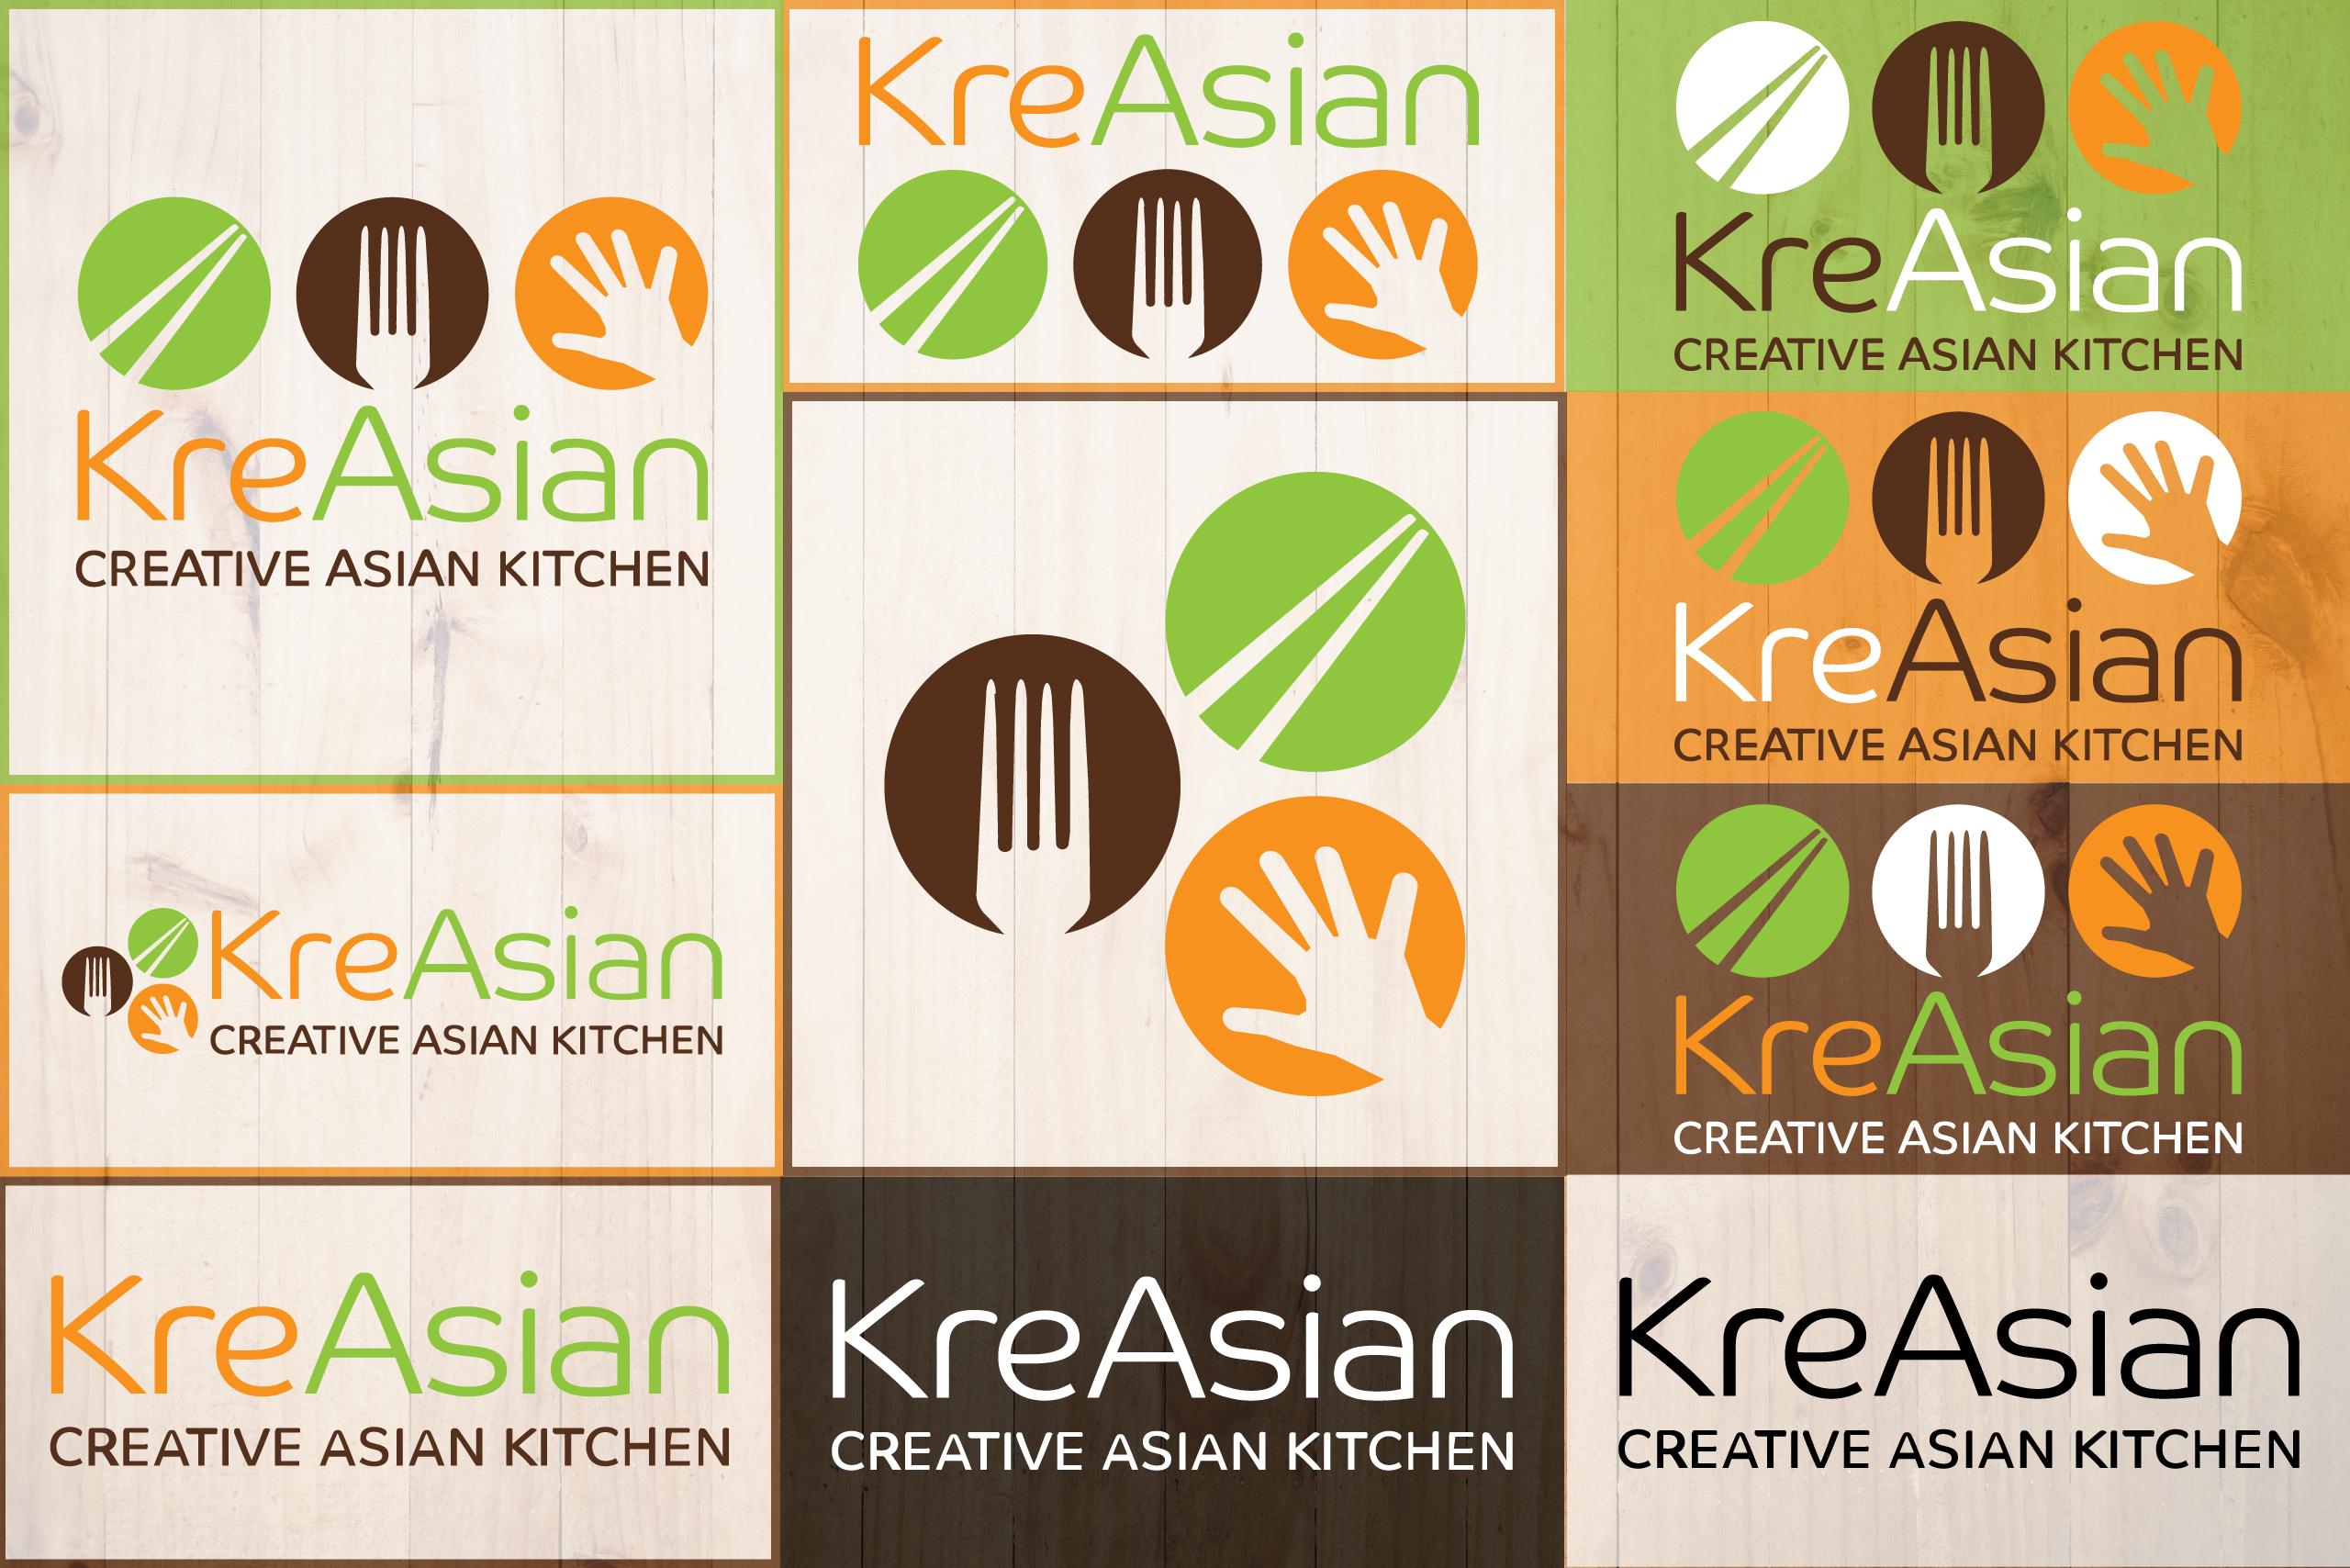 kreasian-logo-design